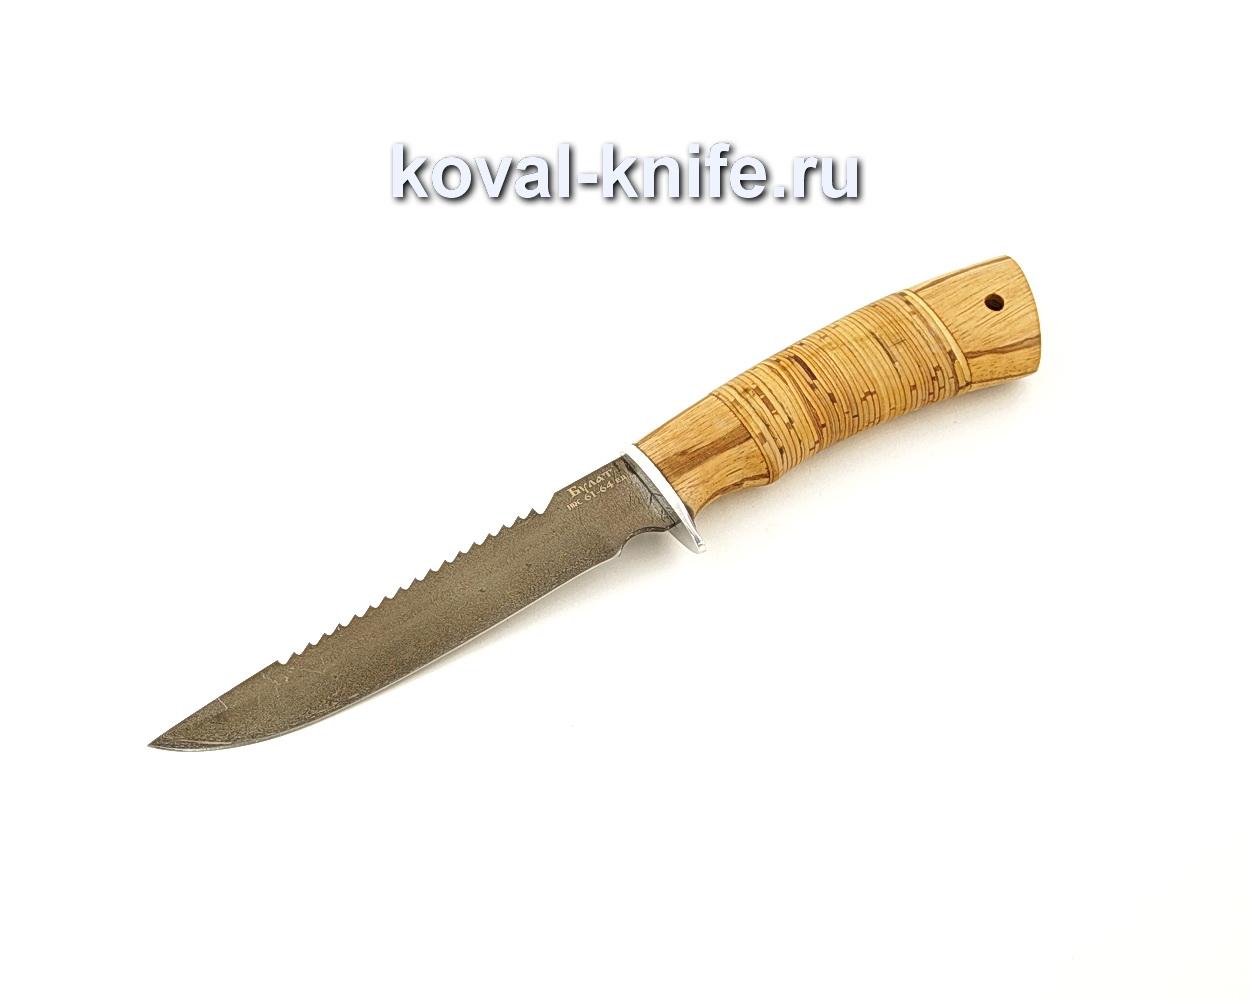 Нож Рыбак из булатной стали с рукоятью из бересты  A660